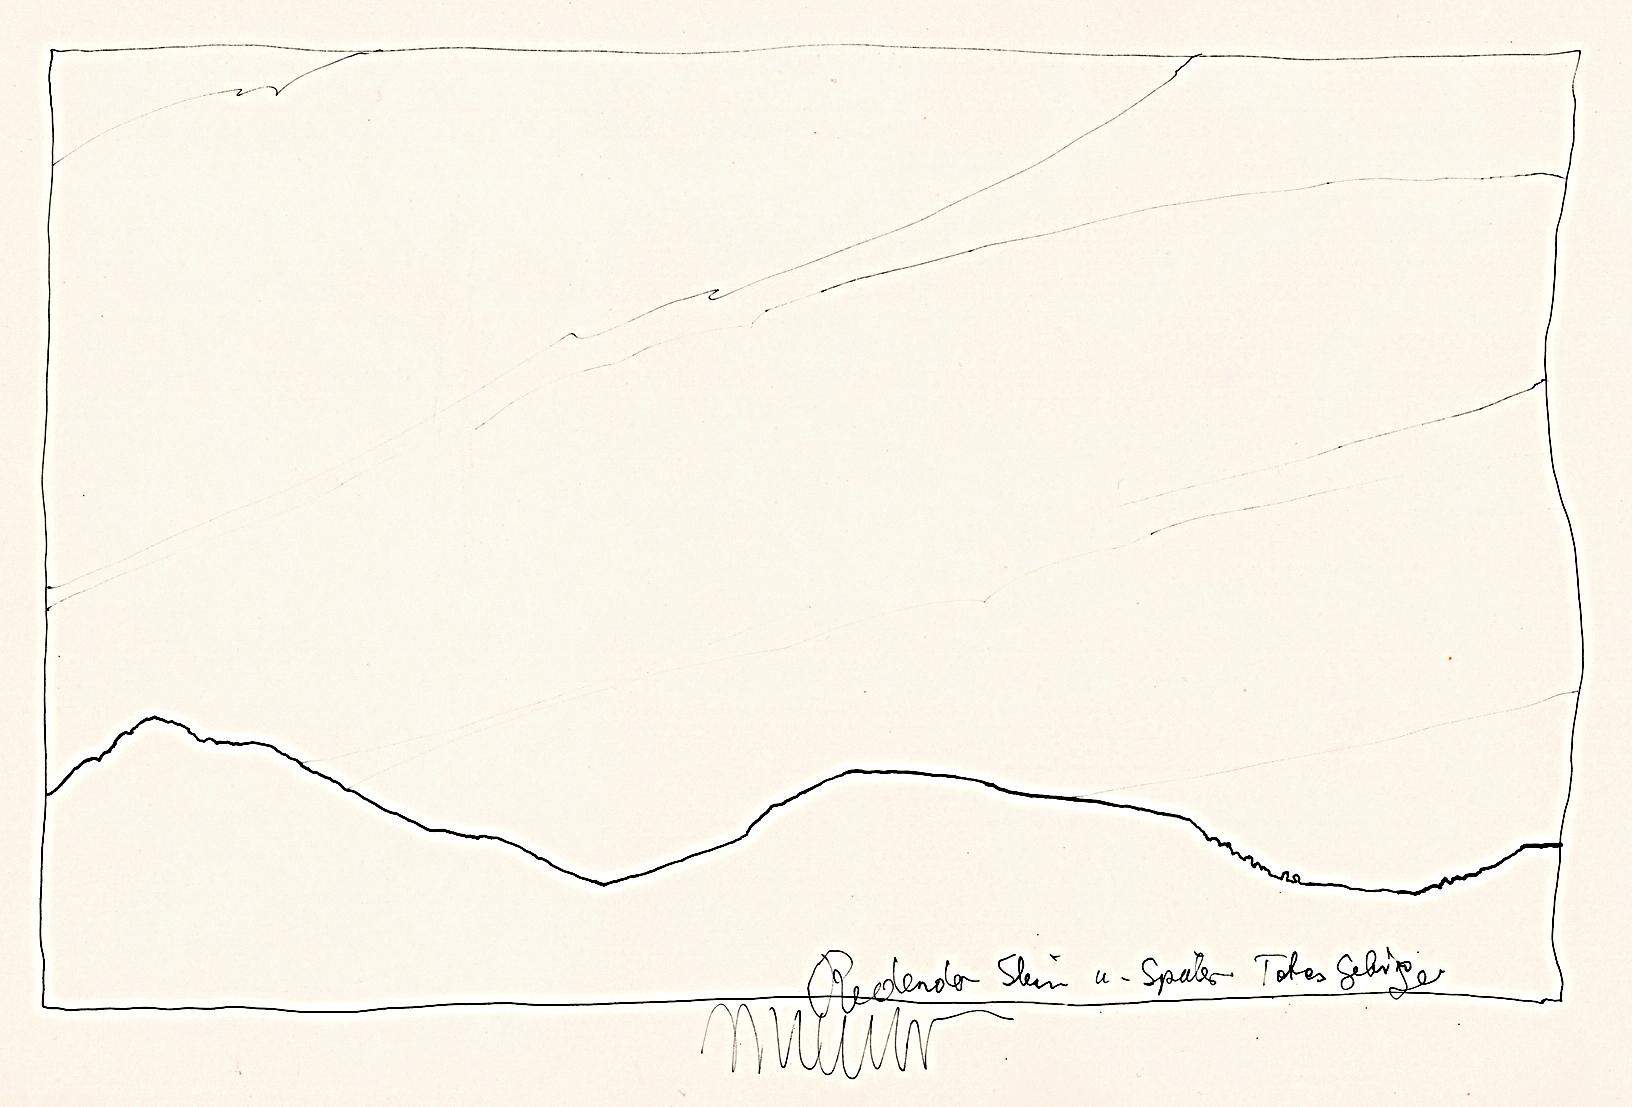 Redender Stein, Totes Gebirge Nr. 136, 1987, Stahlfederzeichnung, Tusche auf Papier, 28 x 42 cm © Josef Taucher